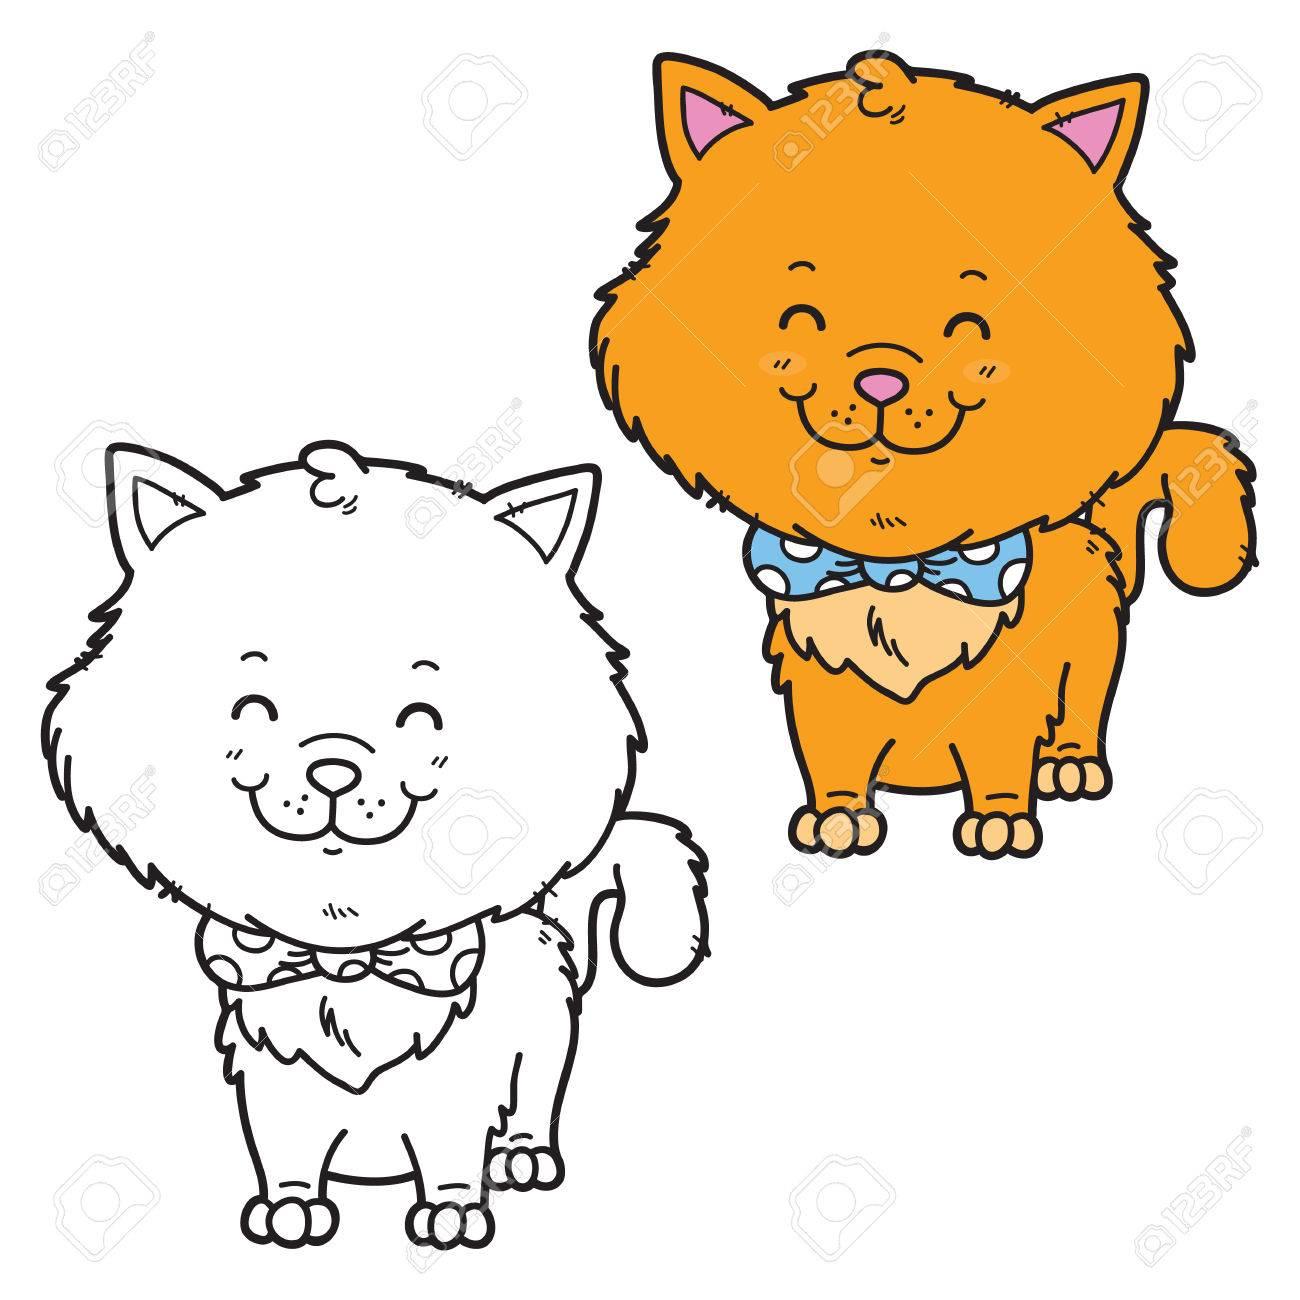 Ilustración Vectorial Para Colorear La Página De Gato Feliz De ...